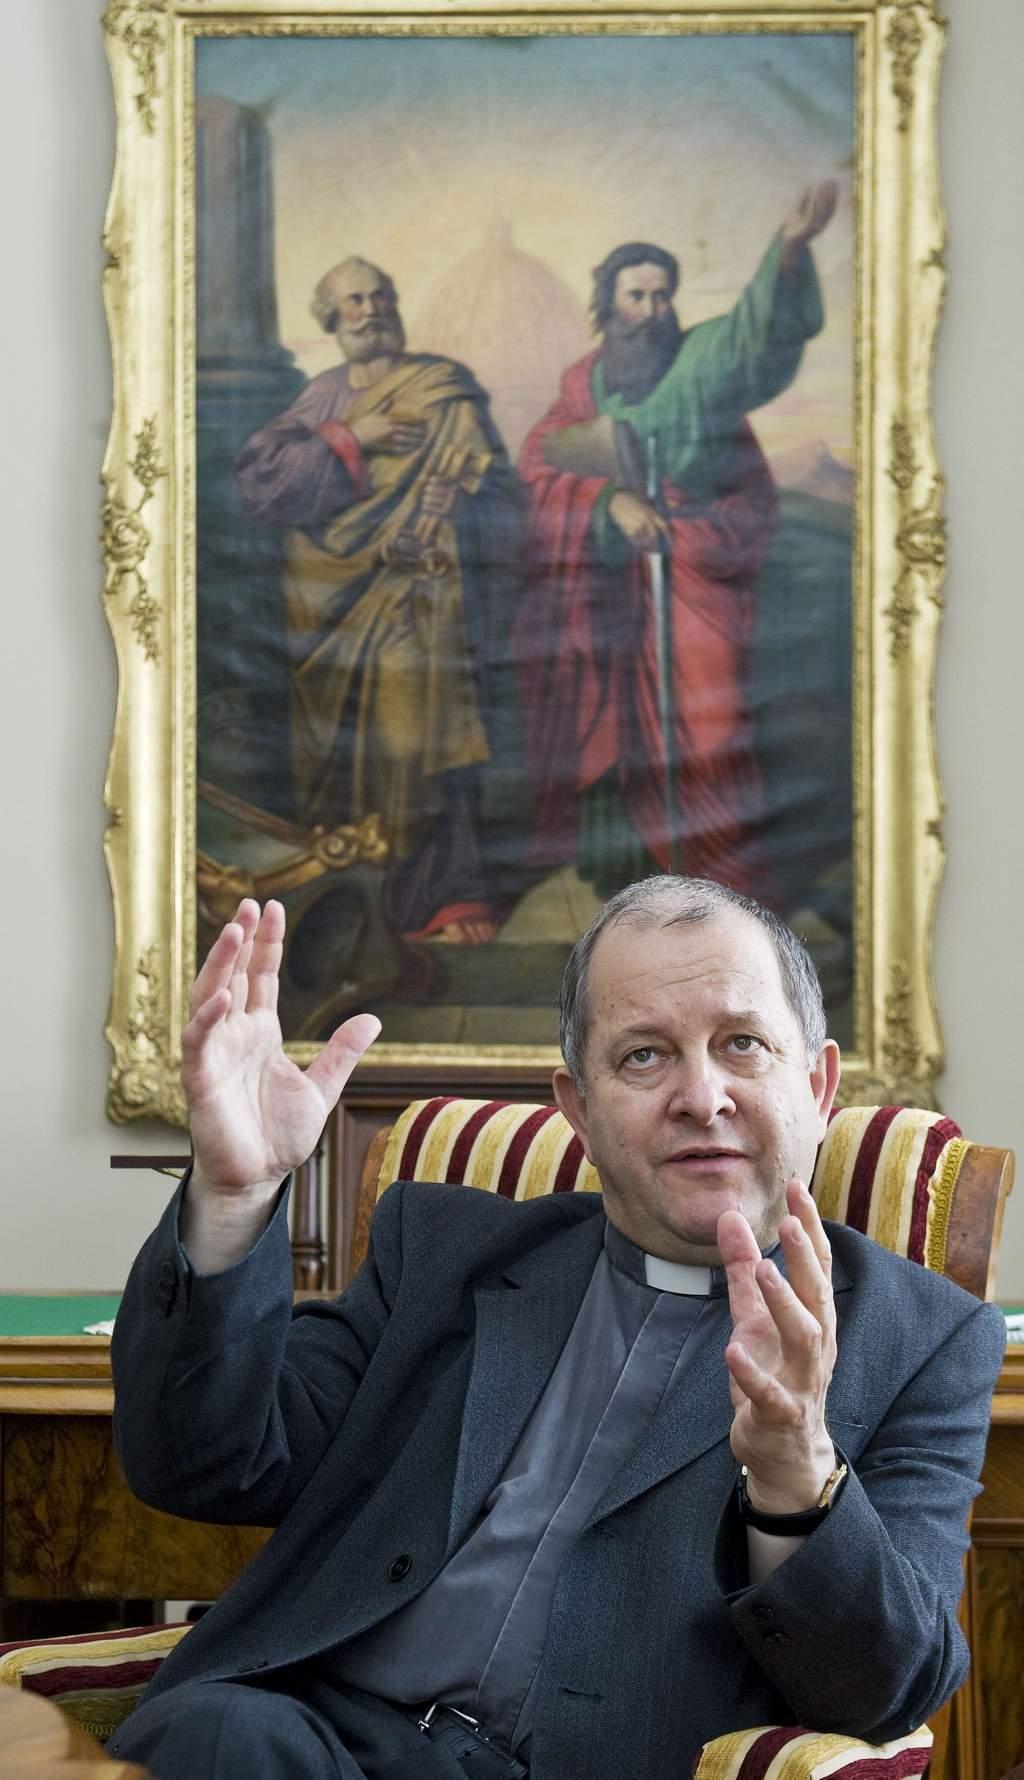 Szent István öröksége elevenen él ma is, avagy visszatérhet-e győztesen Koppány?